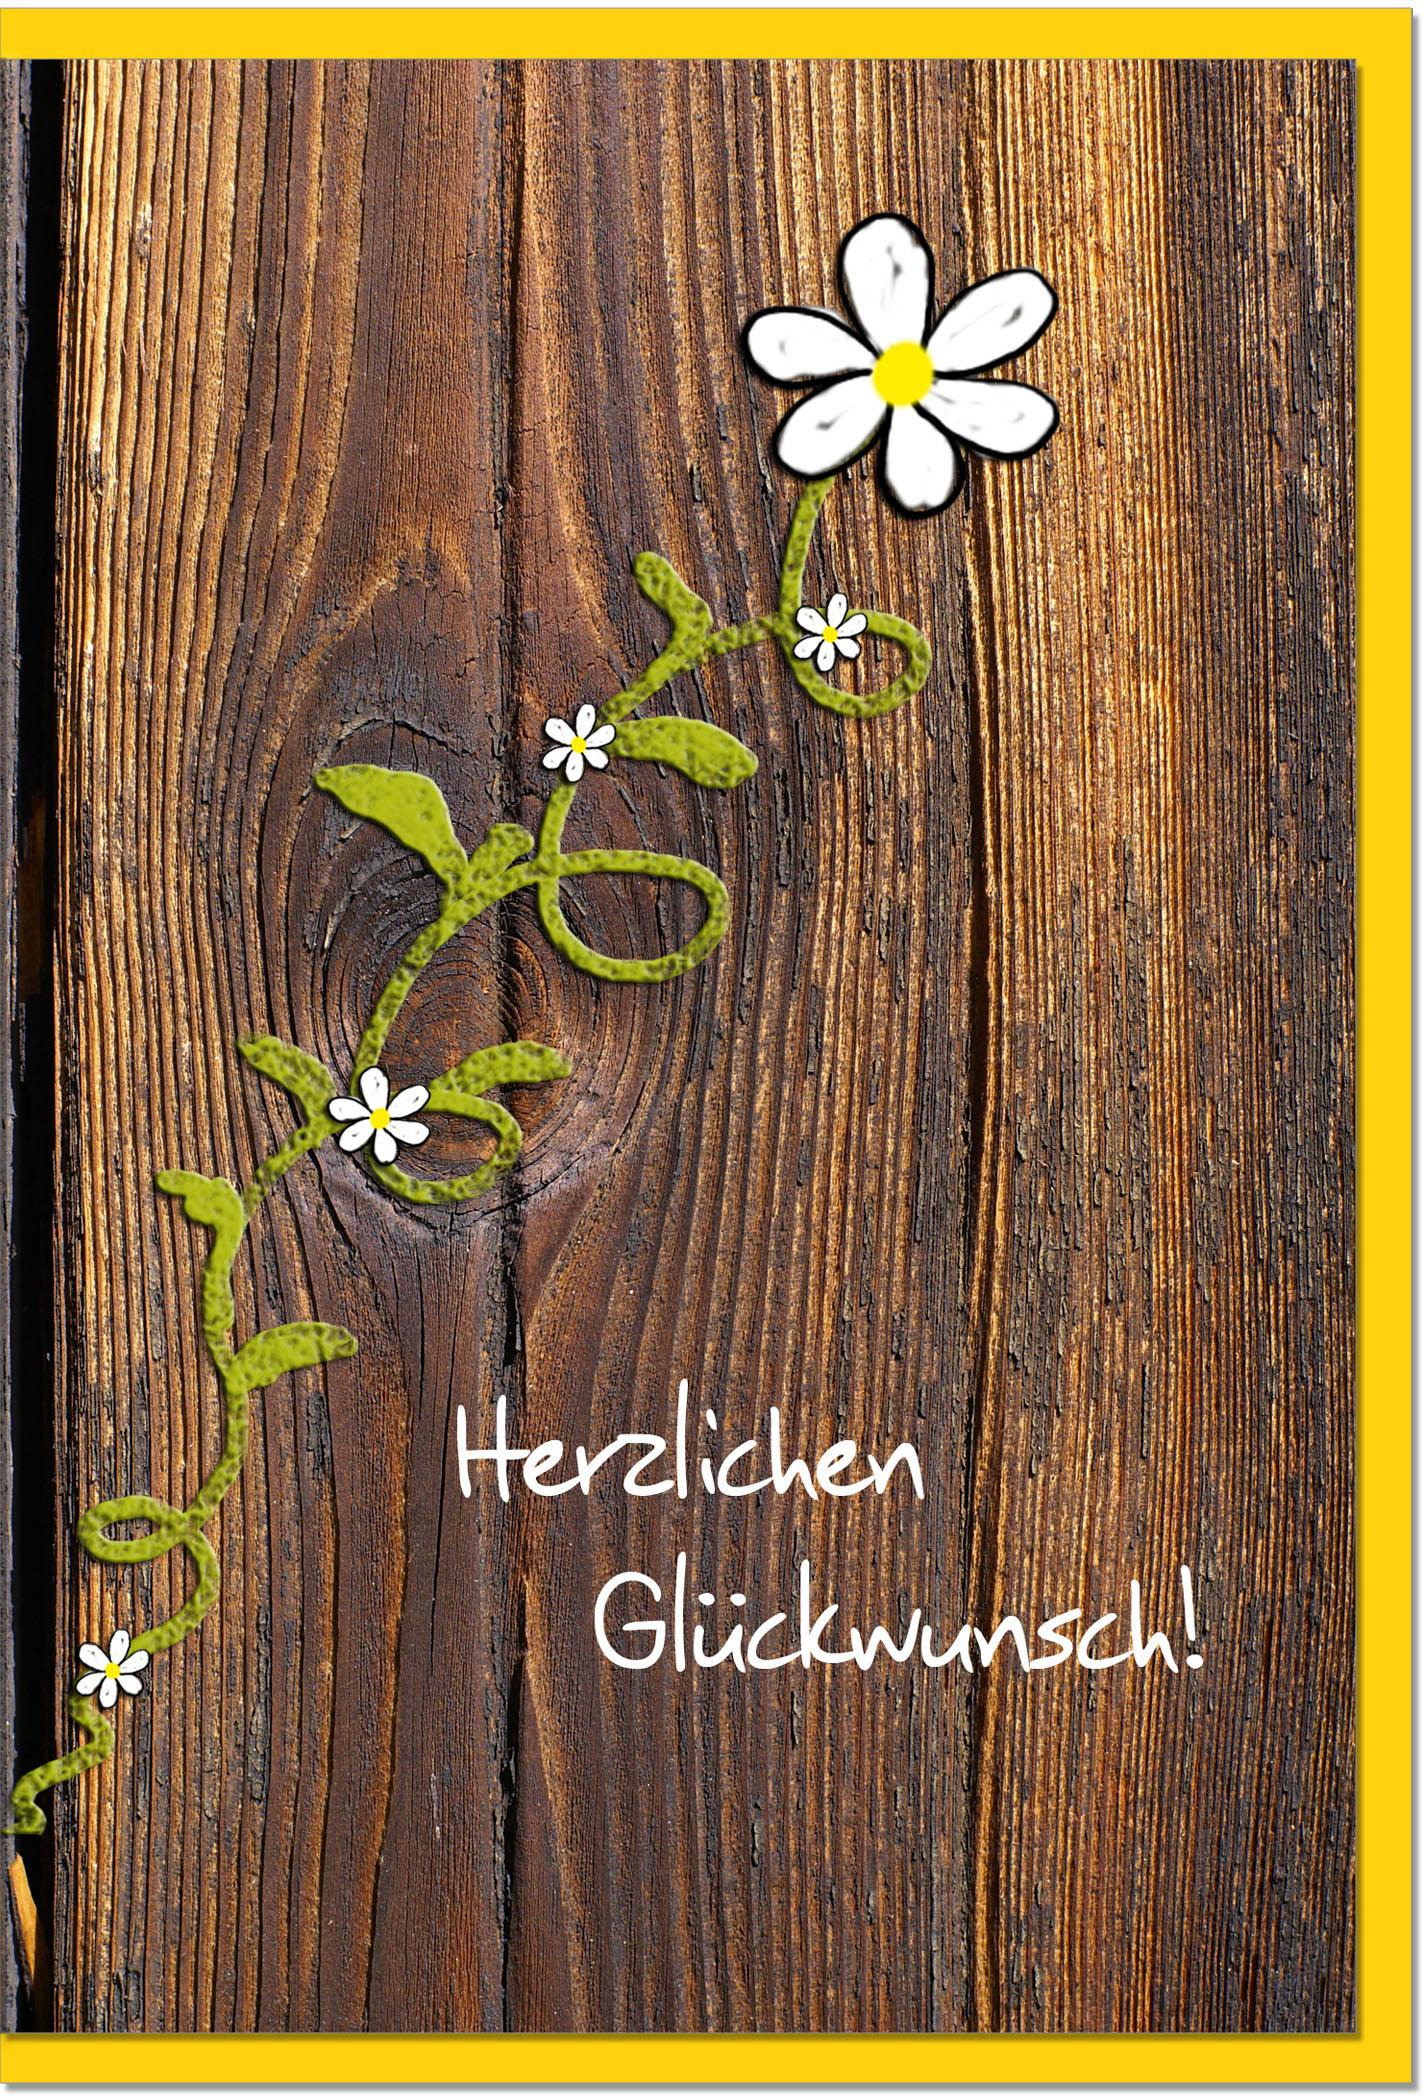 Glückwunschkarten / Grußkarten /Glückwunsch Blümchen